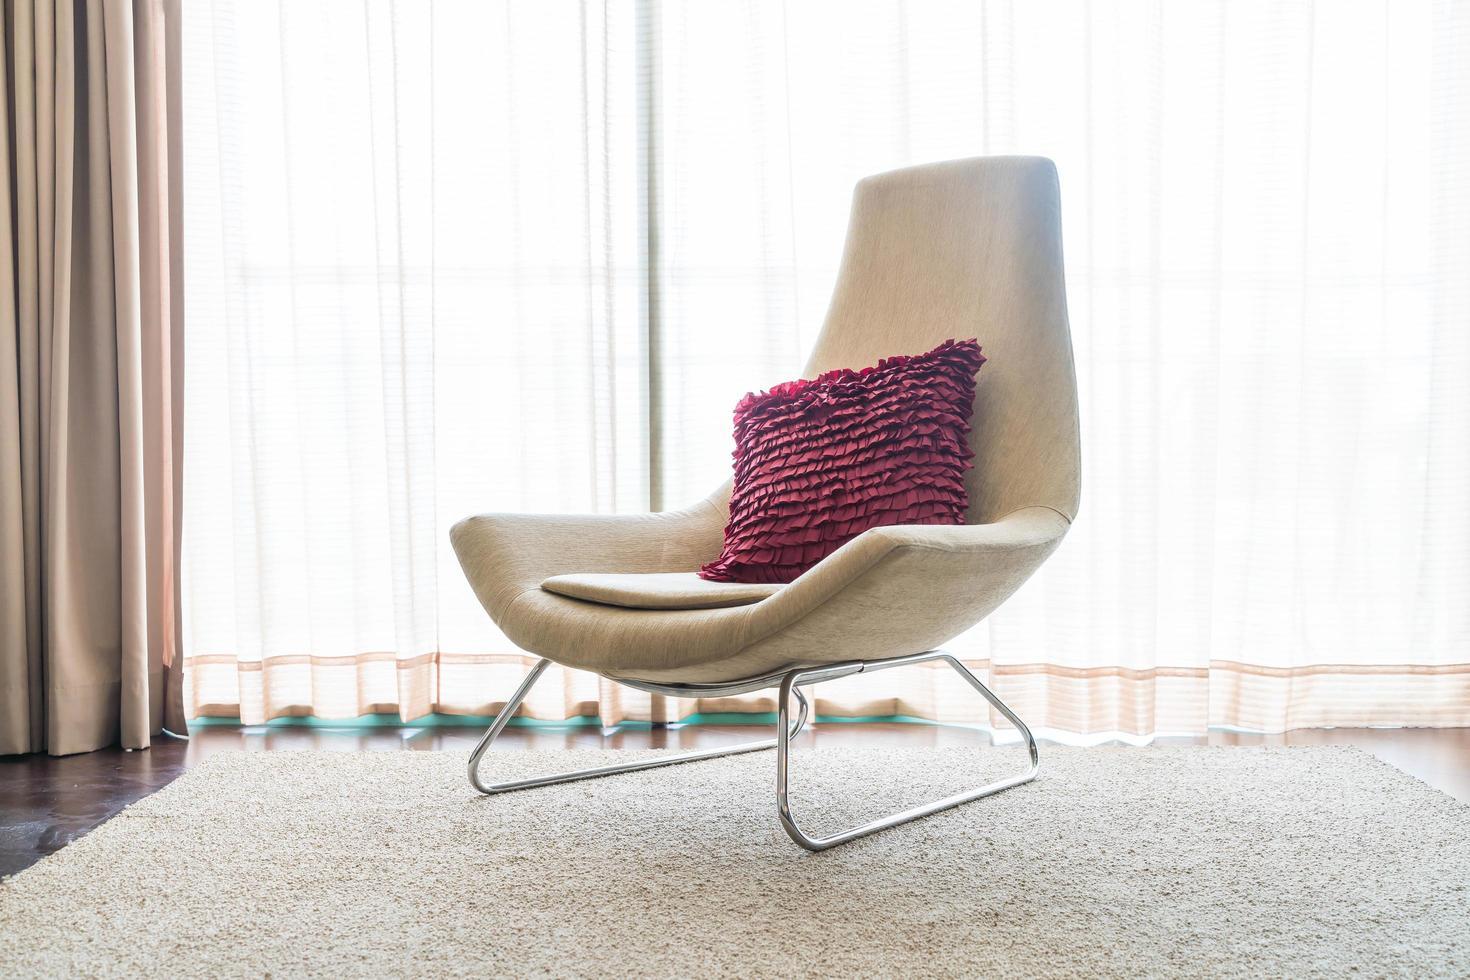 sedia bianca con cuscino in soggiorno foto